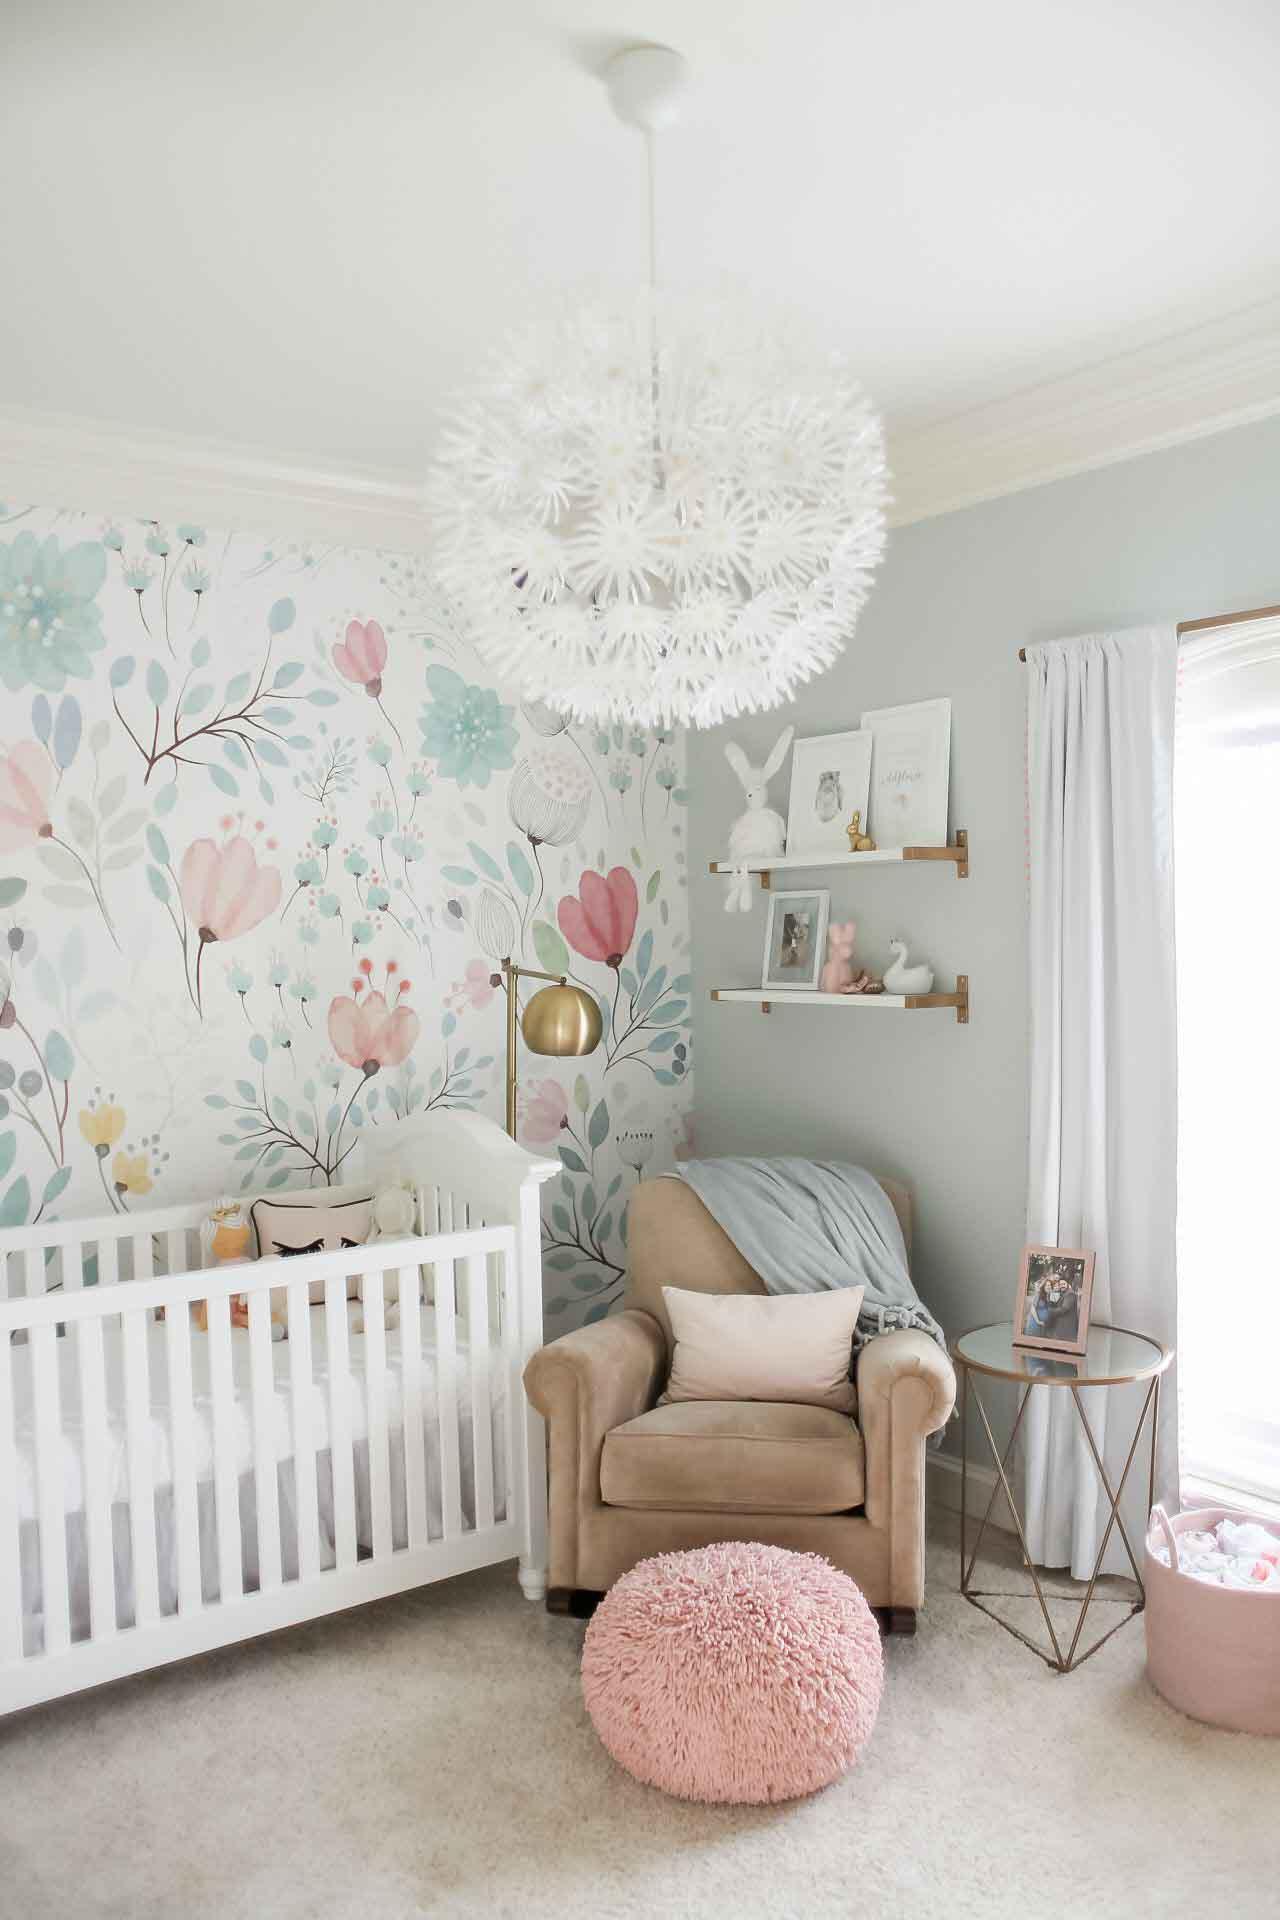 تزیین دیوار اتاق کودک با پوستری دیواری طرح برگ و گل